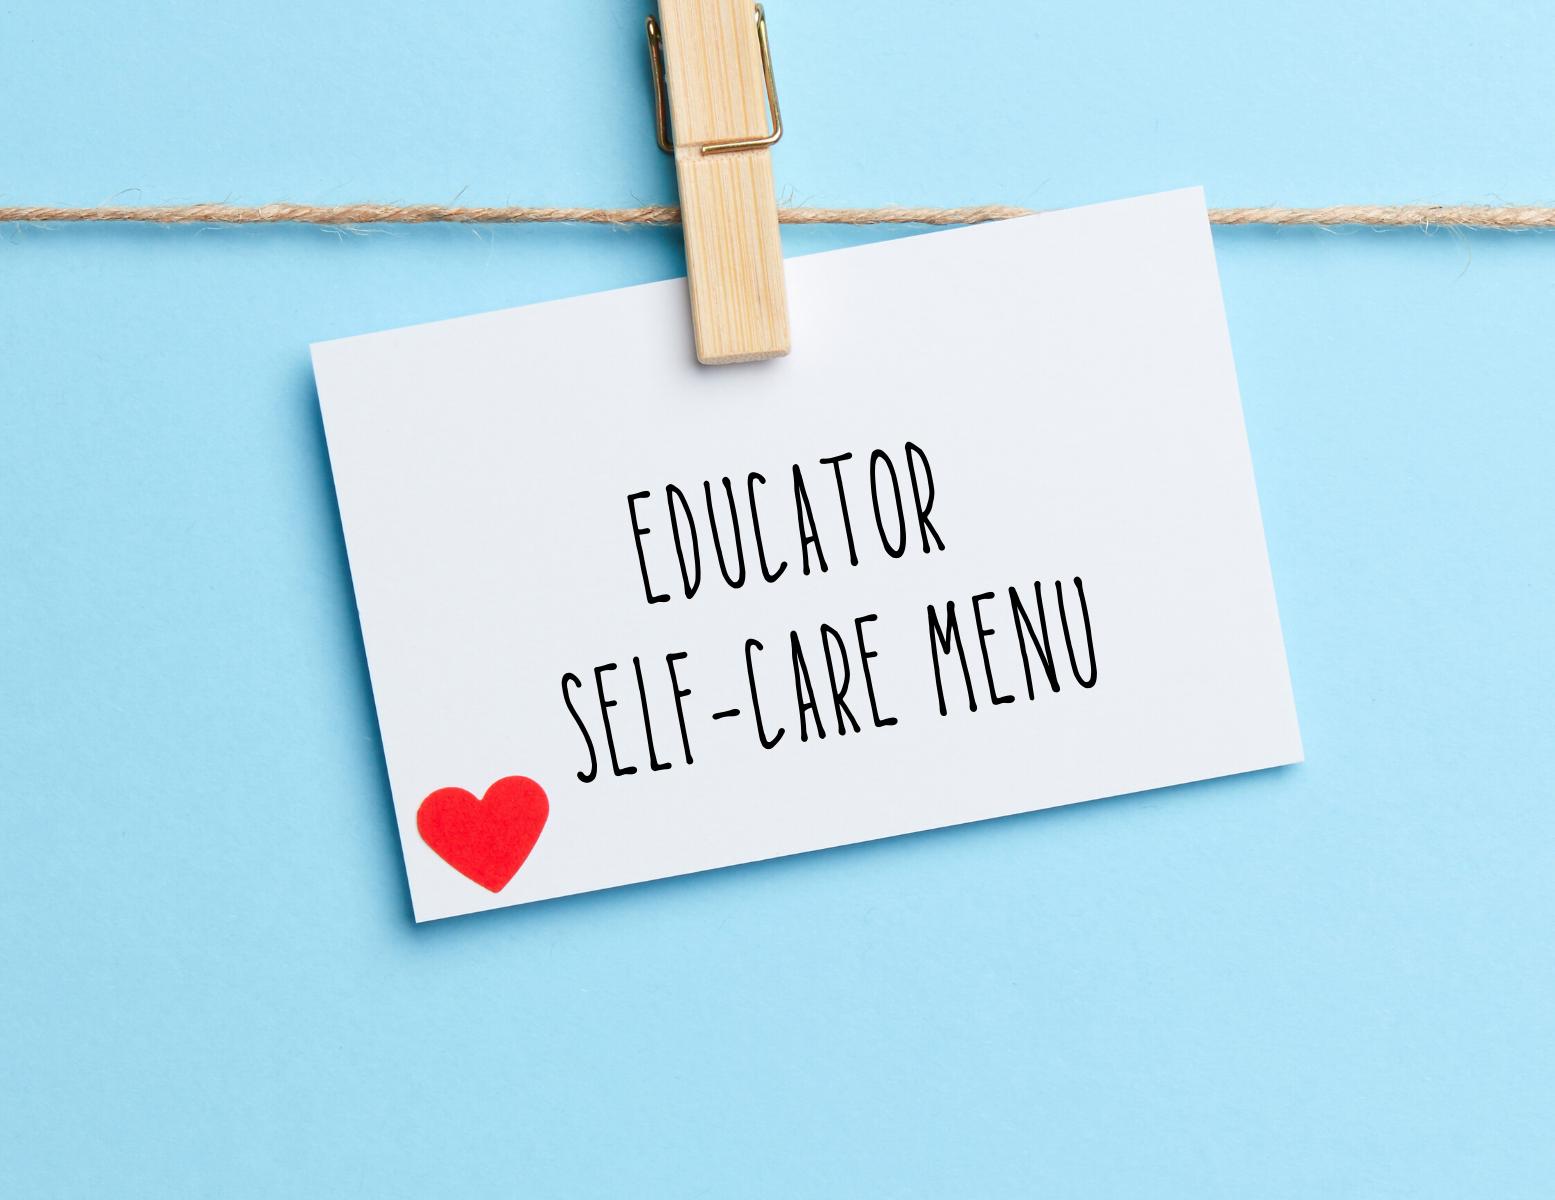 Educator Self-Care Menu